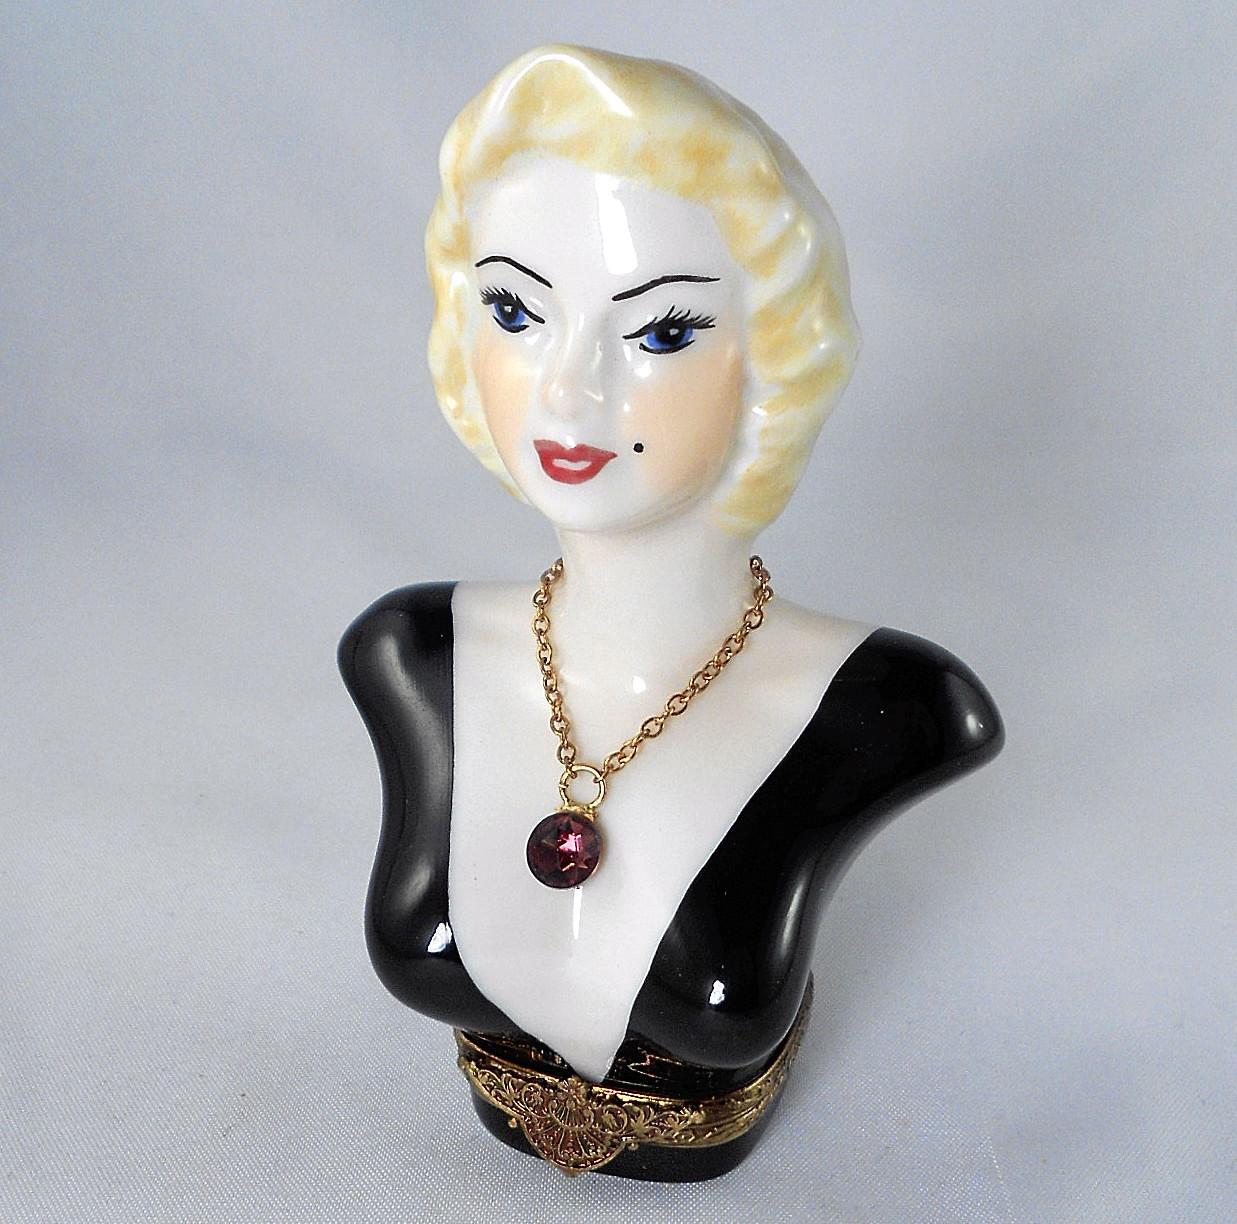 Limoges Box - Marilyn Monroe Bust & Necklace - Peint Main LE #6 - Sinclair